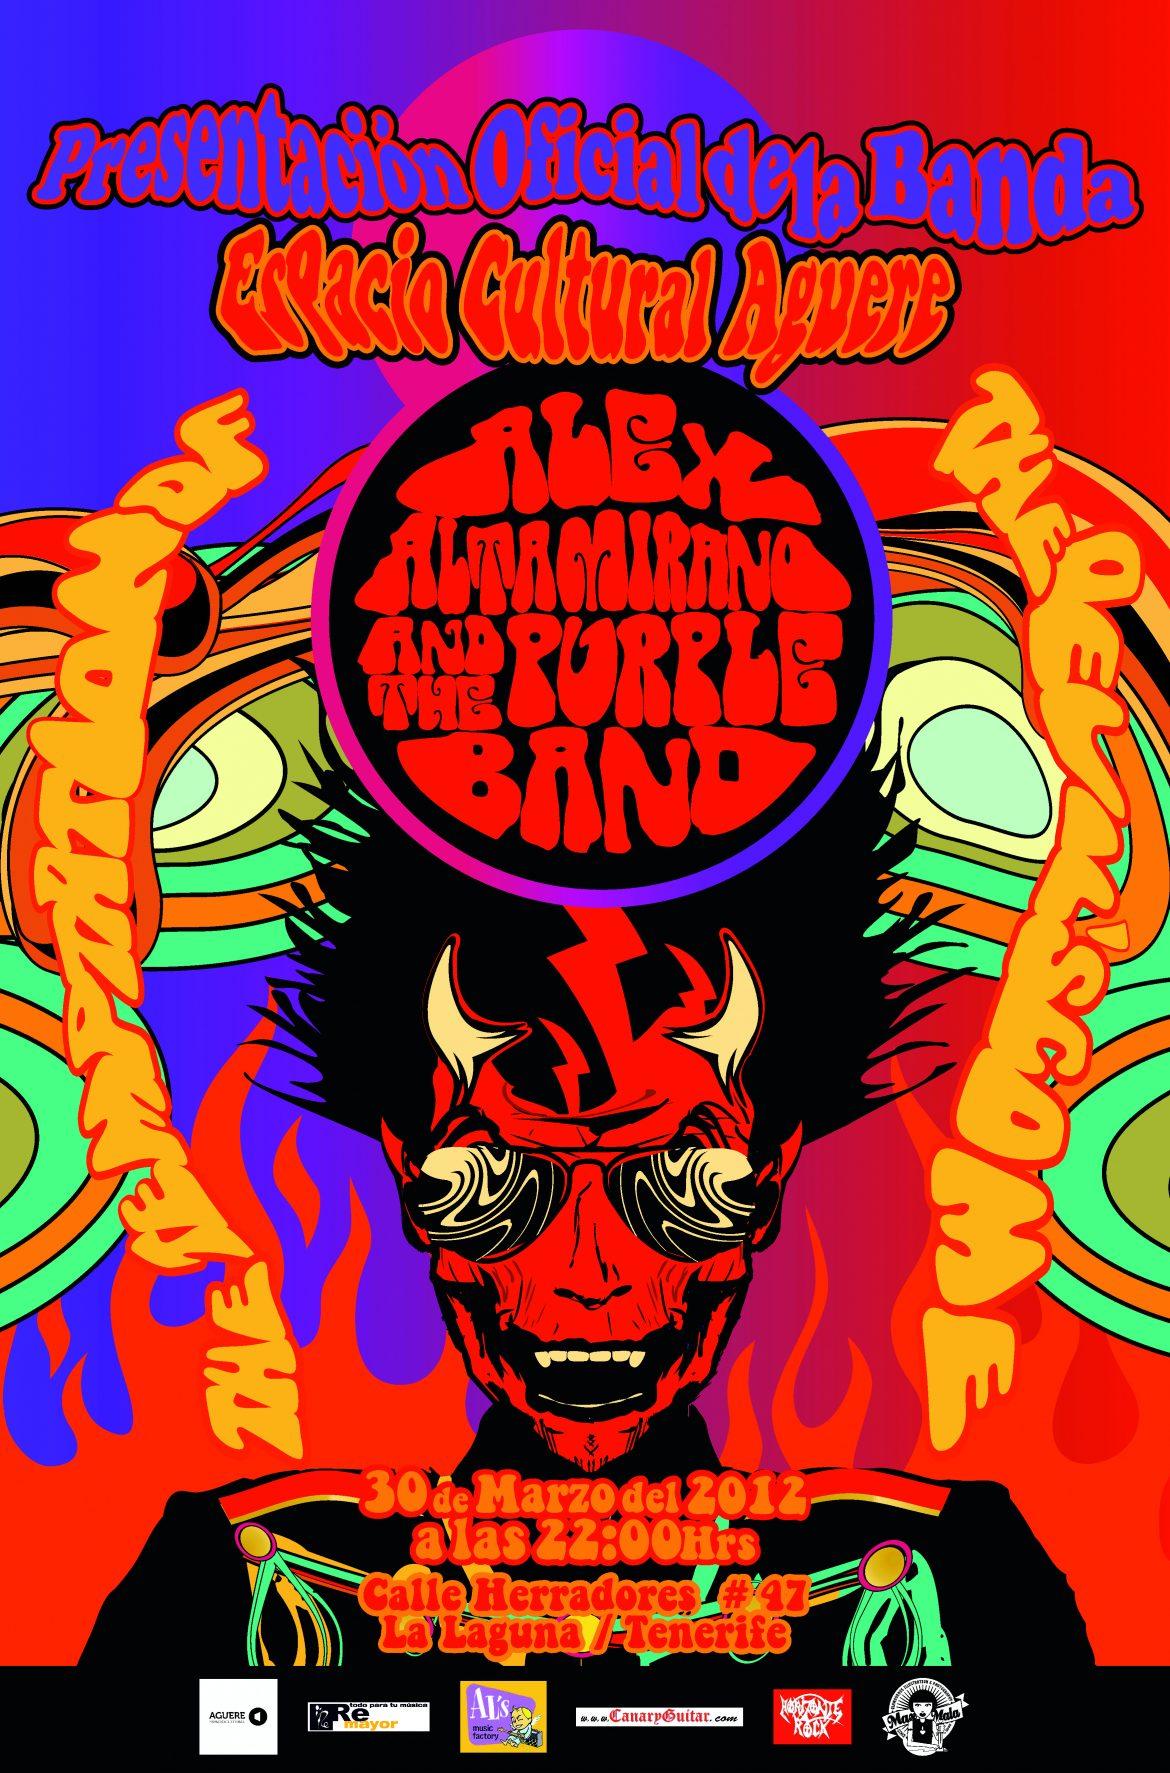 """Alex Altamirano & The Purple Band, """"The Temptation of the devil's come"""" 2012"""